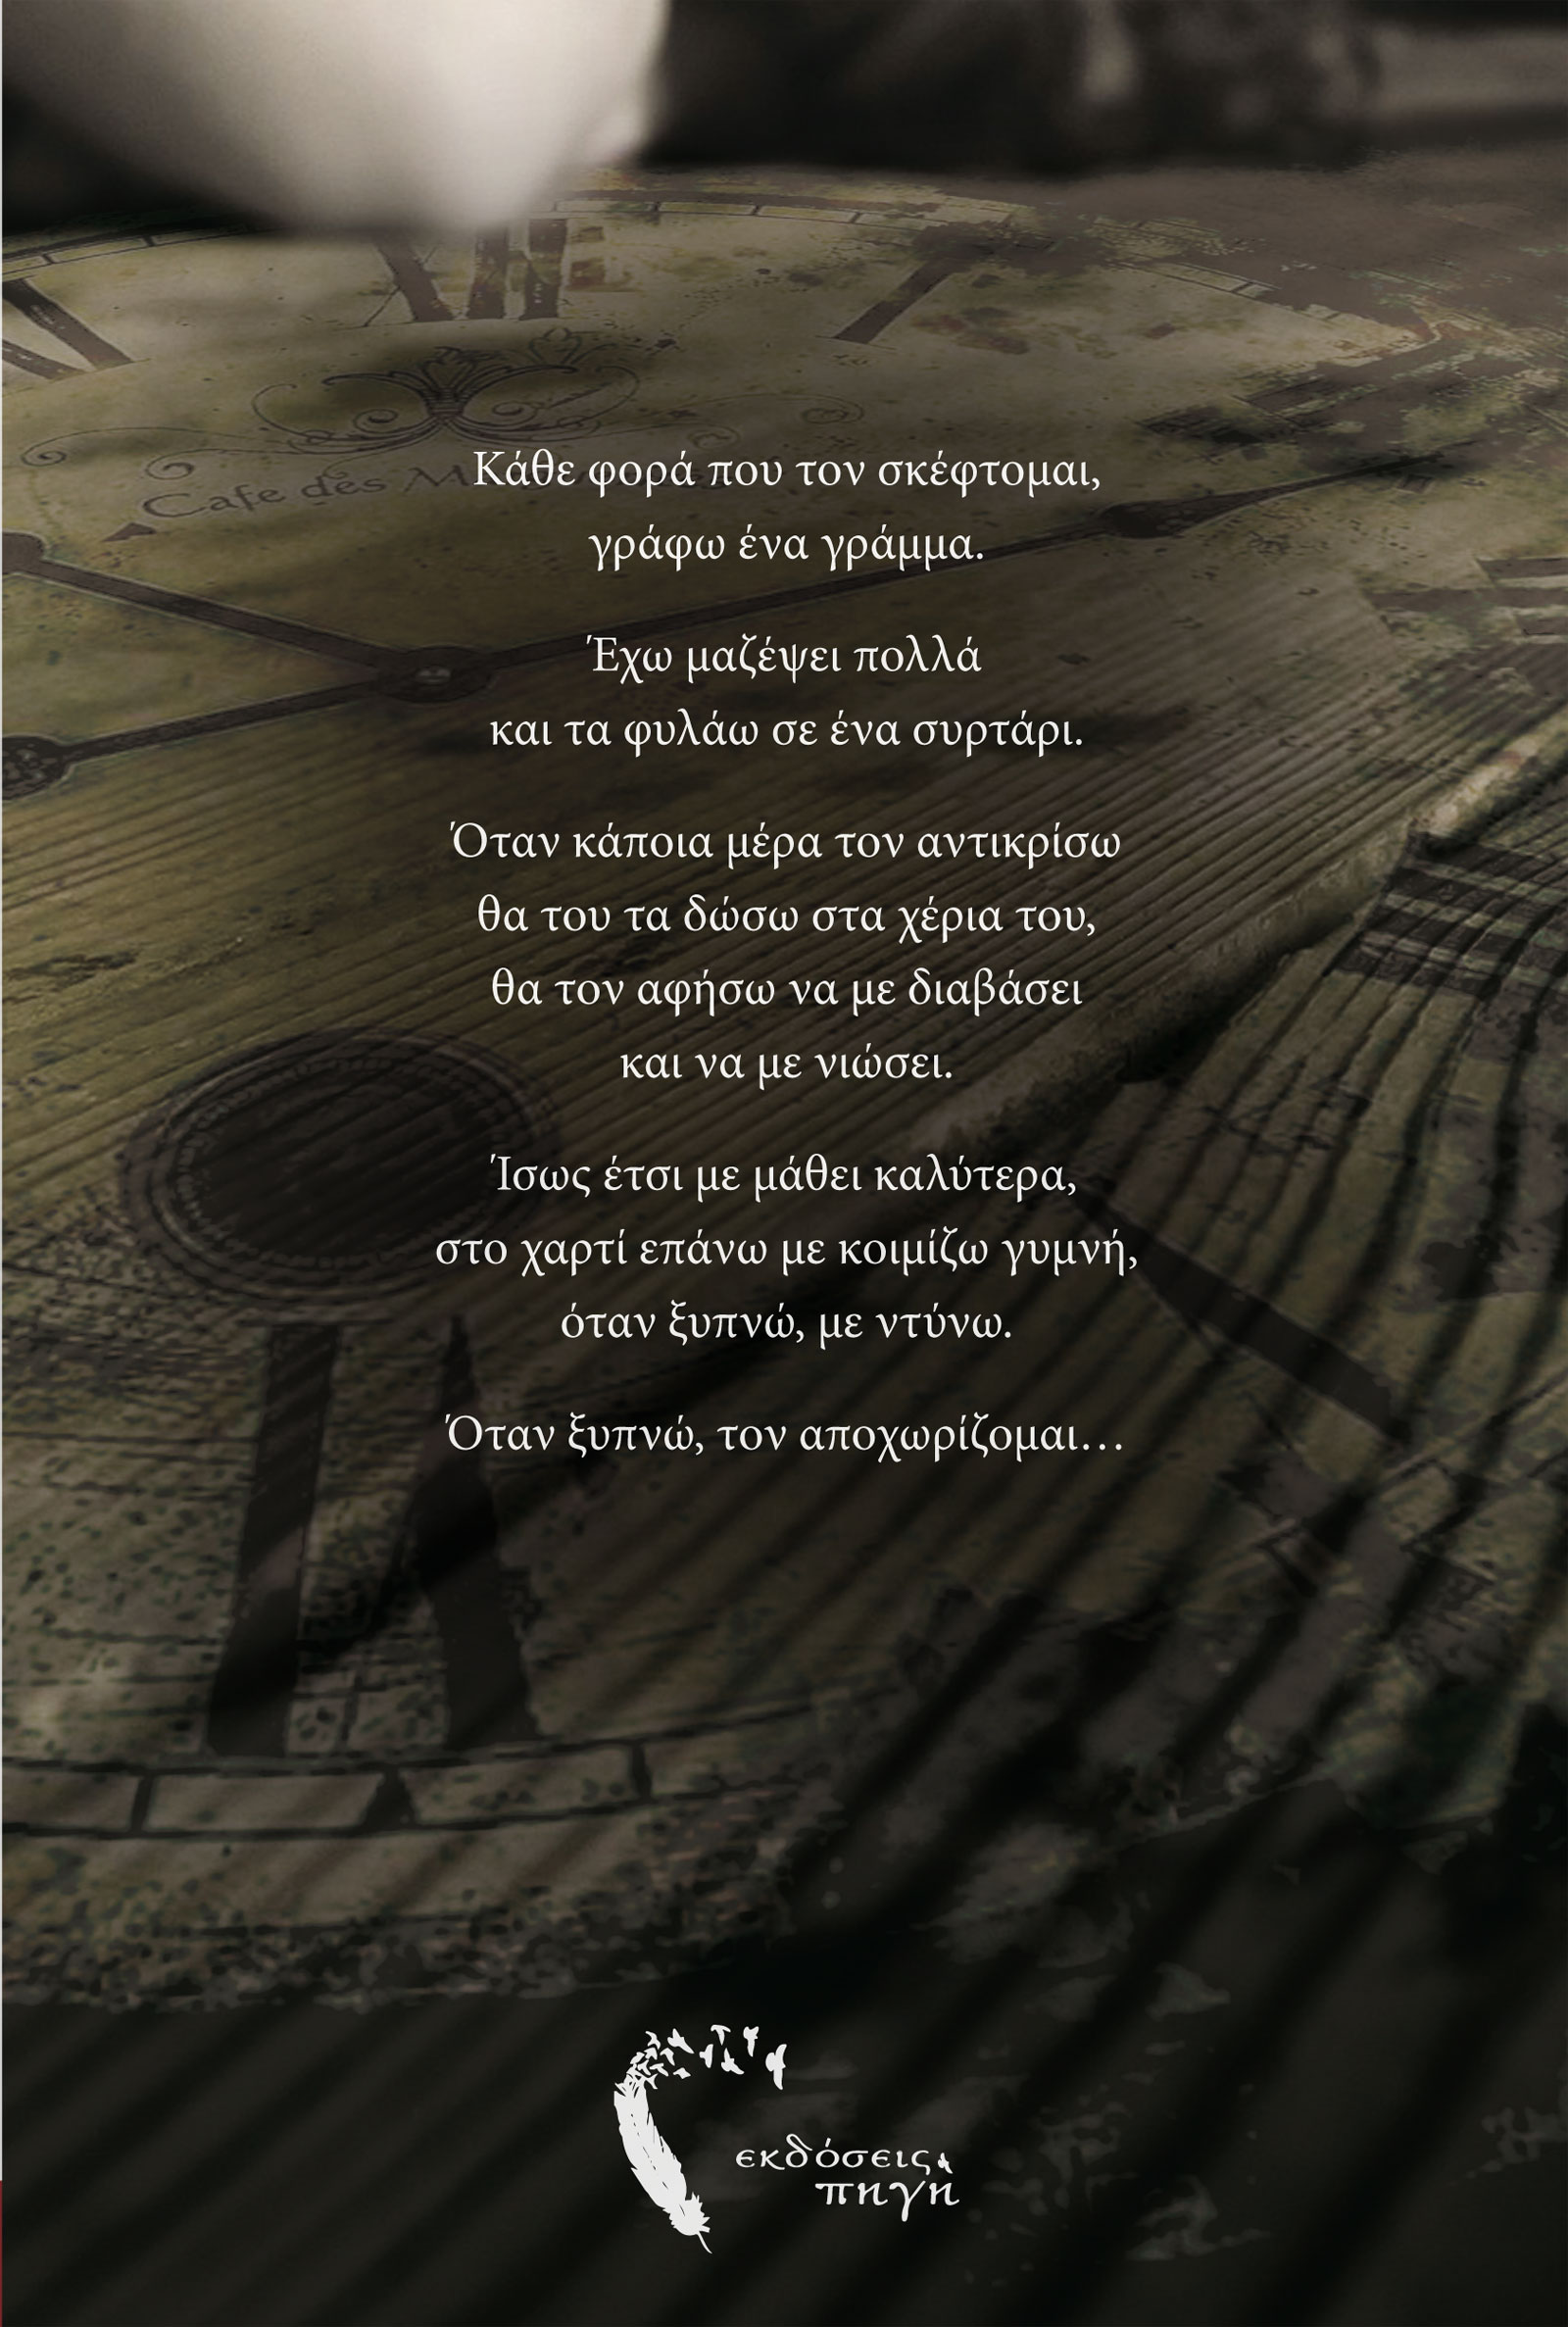 30ημέρες, κοιμήσου Νεφέλη, να σωθείς…, Νίκη Ταγκάλου, Εκδόσεις Πηγή - www.pigi.gr